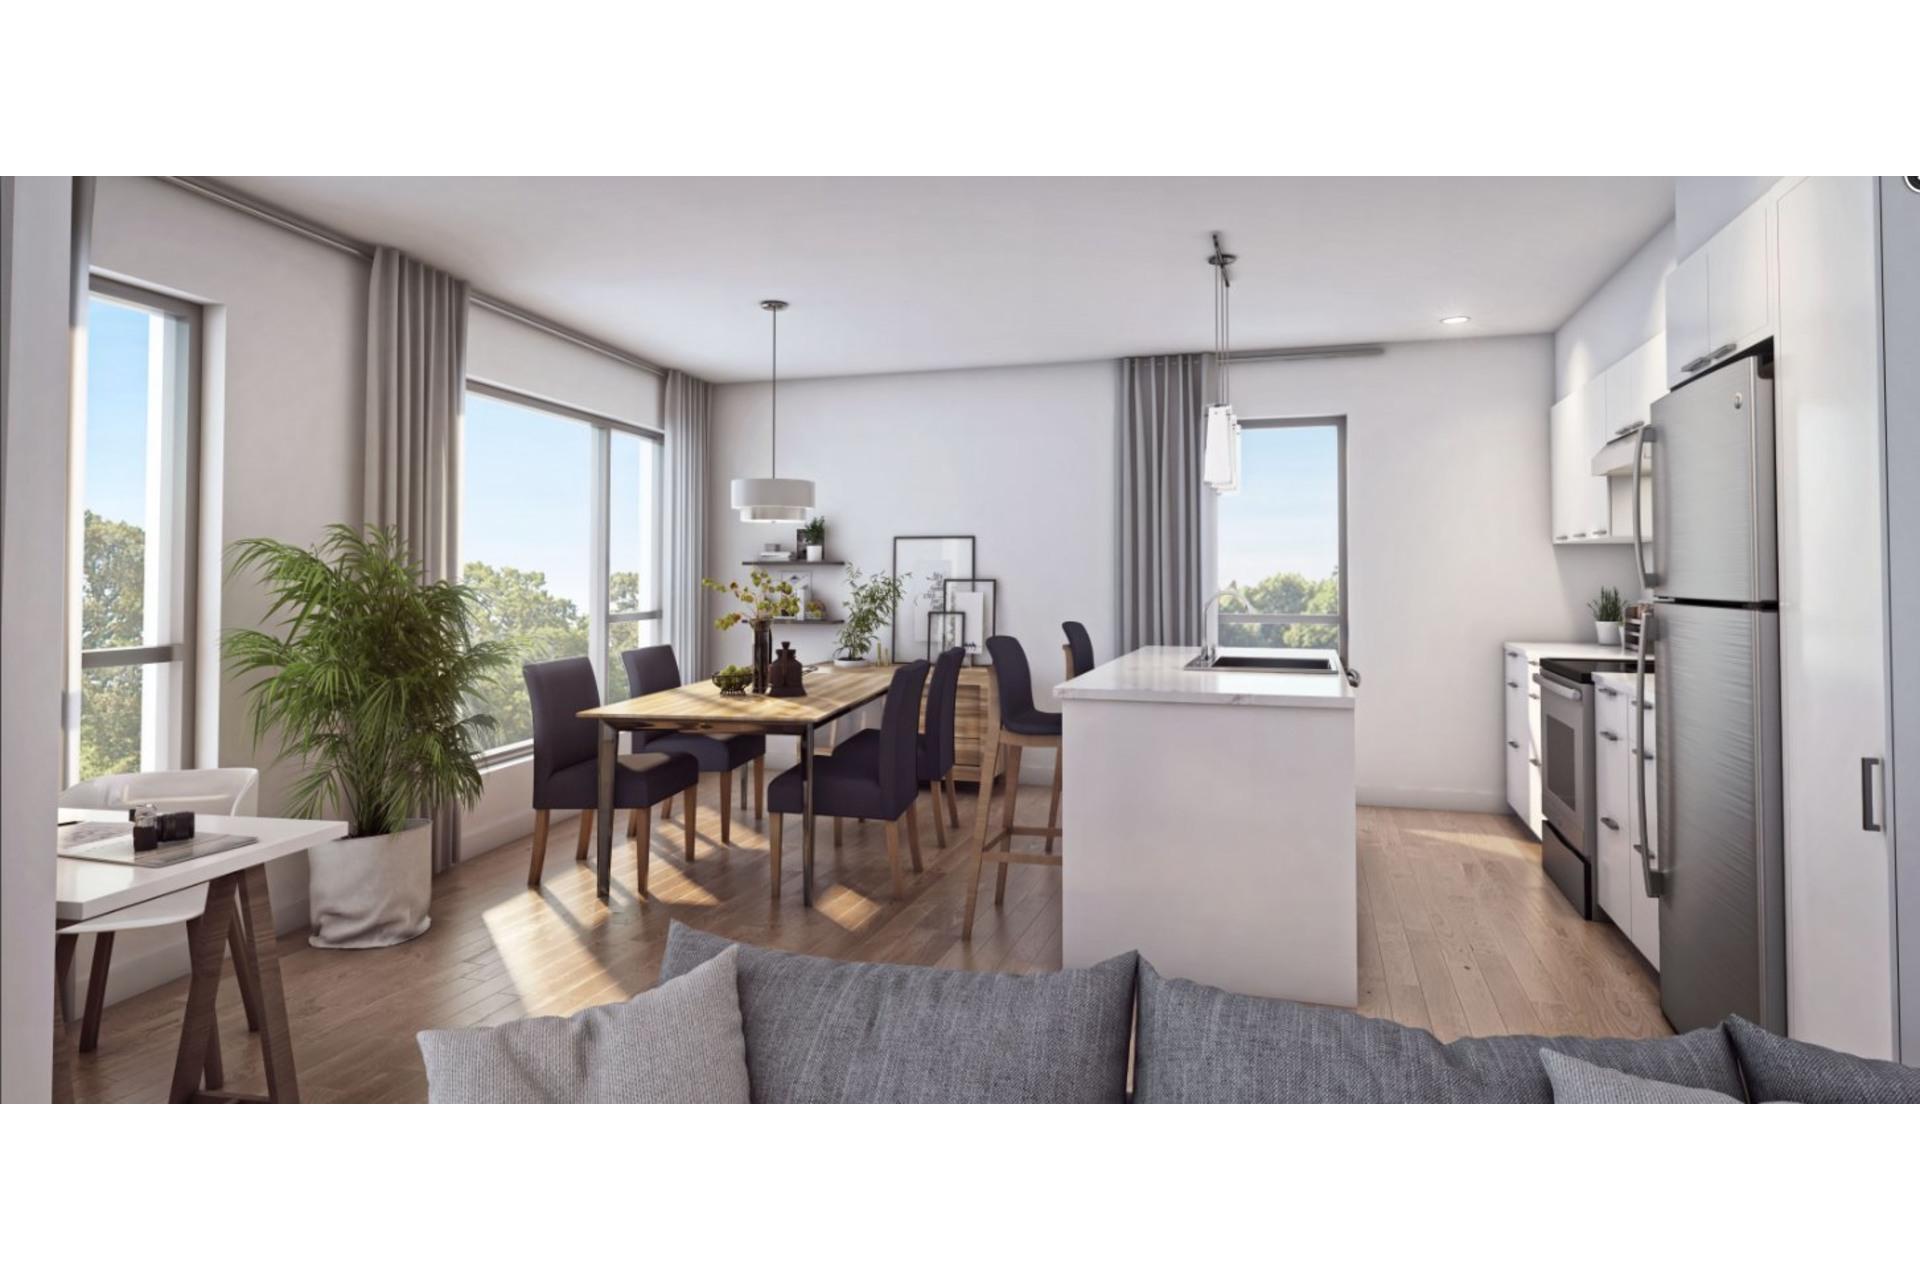 image 25 - Apartment For sale Rosemont/La Petite-Patrie Montréal  - 5 rooms